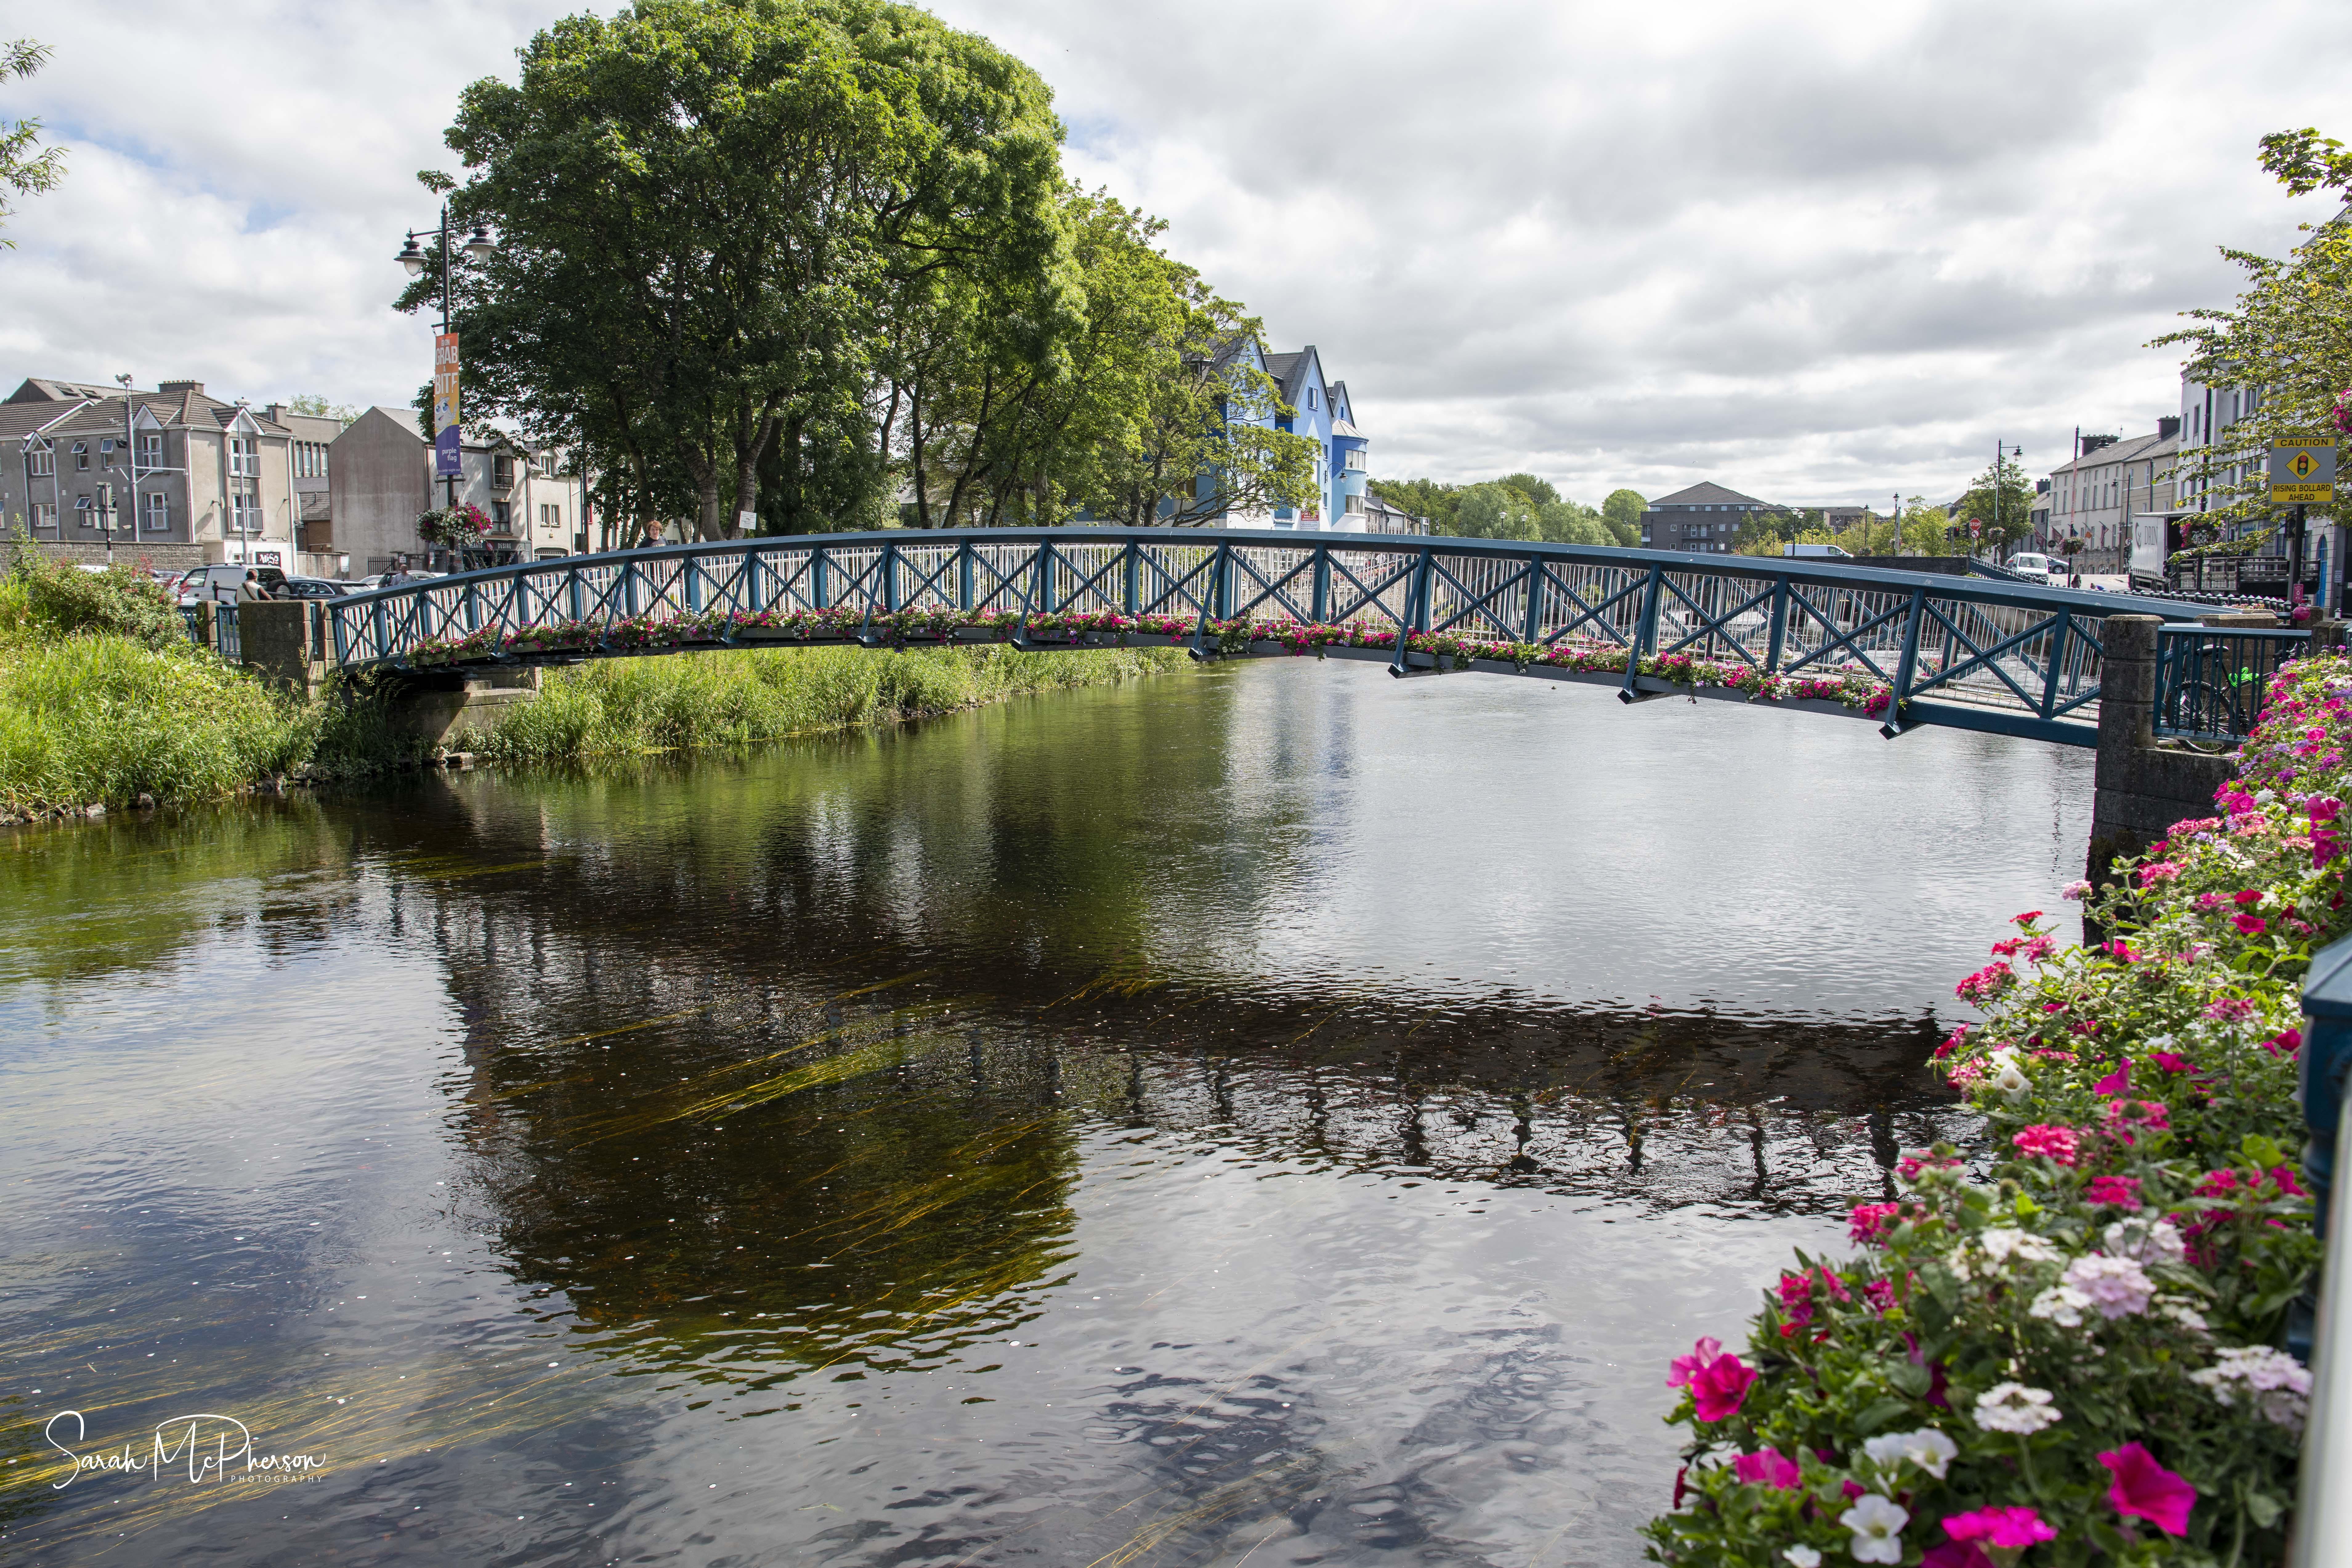 Sligo - Bridge